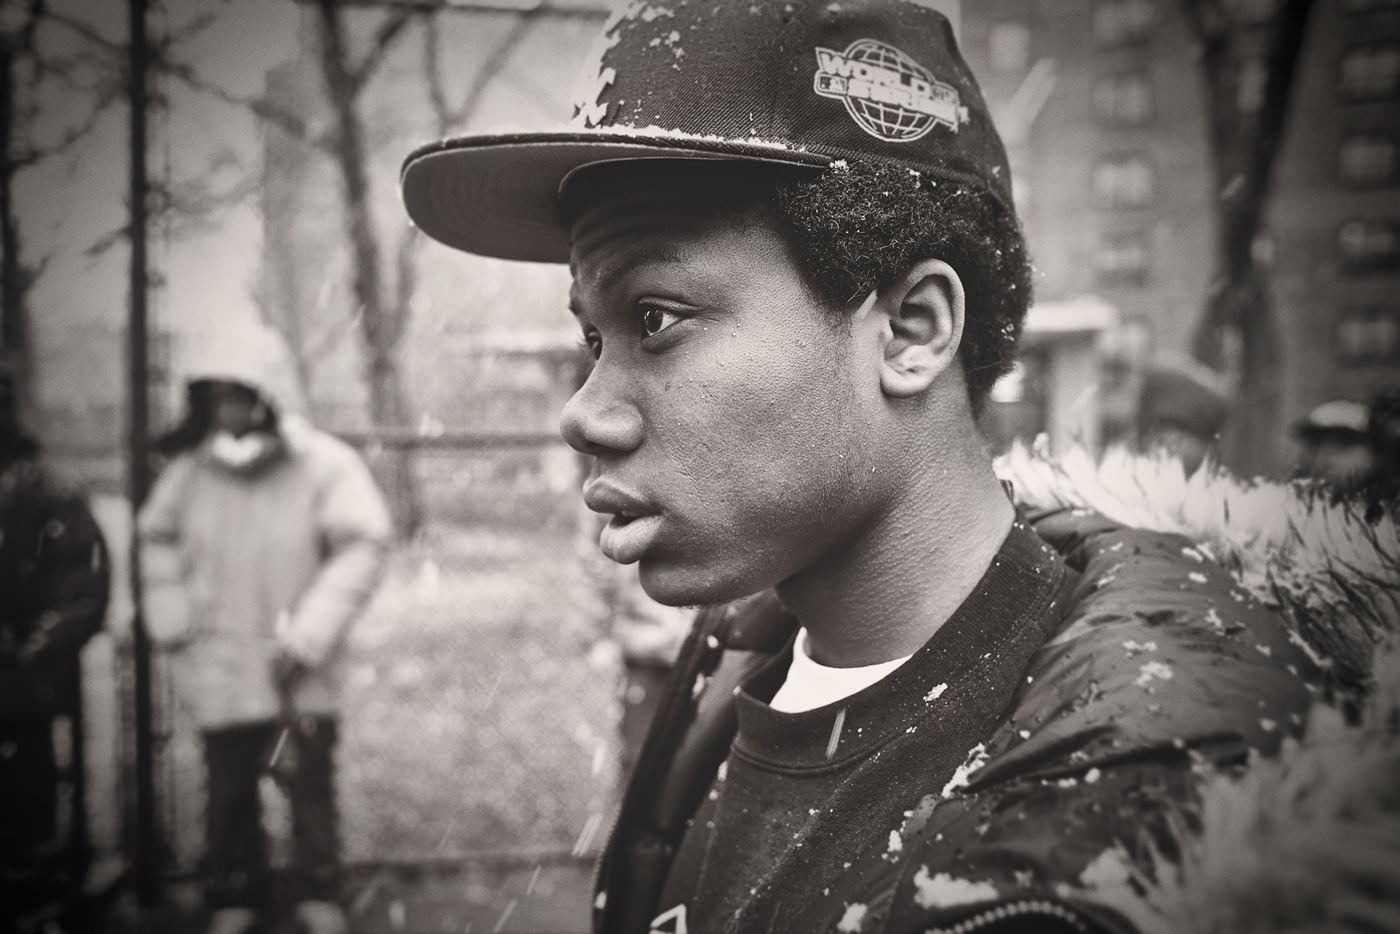 Harlem 16